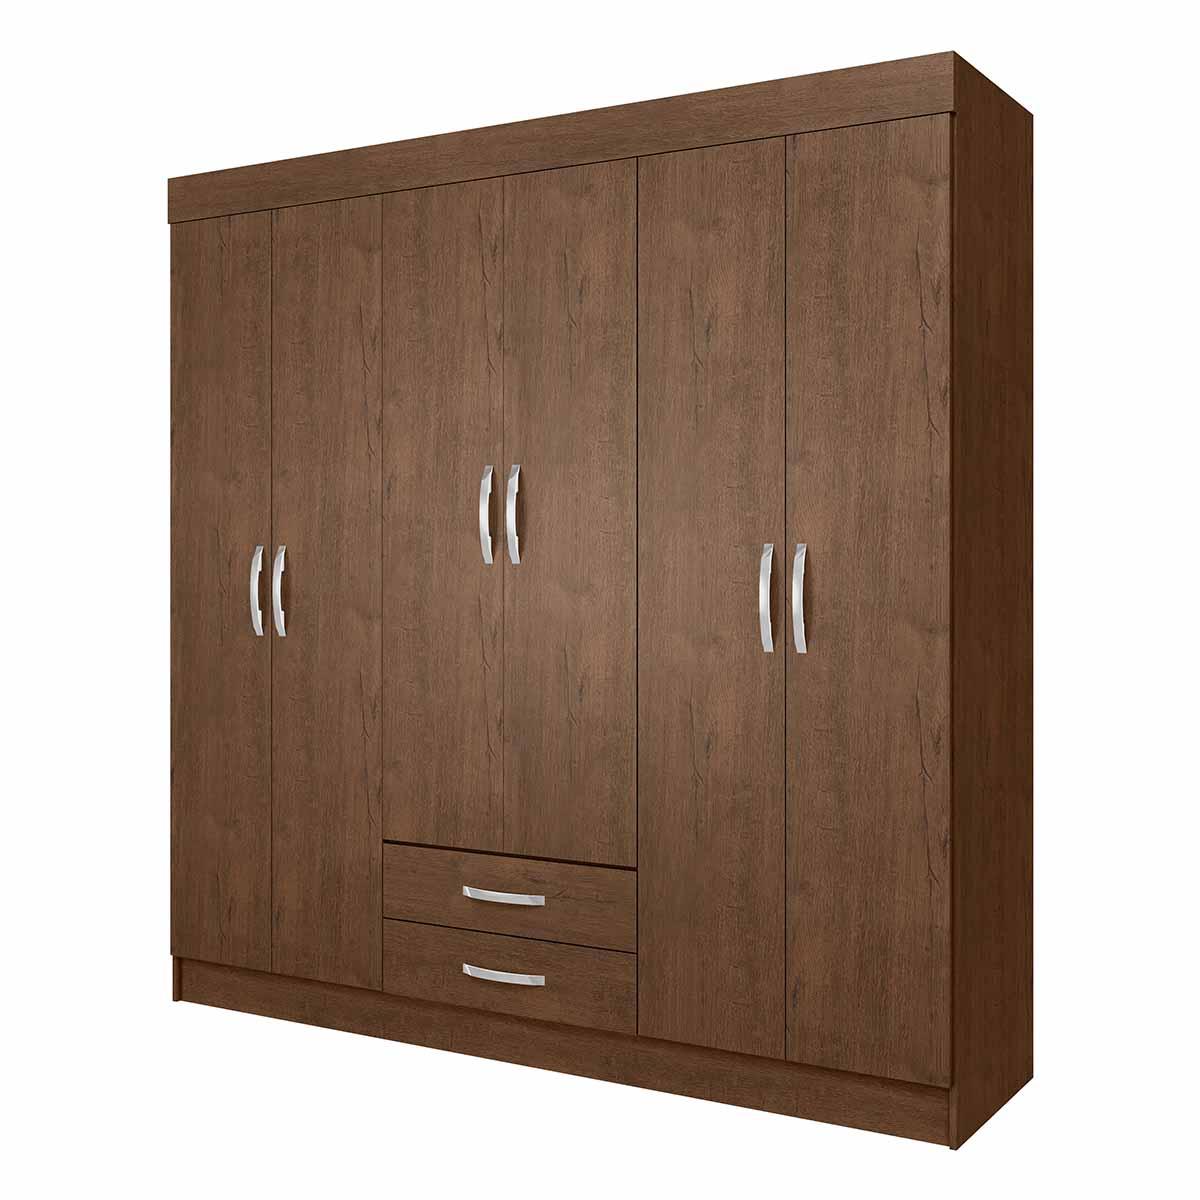 Ropero Closet Armario Mueble Moderno 6 Puertas 2Cajones Casa